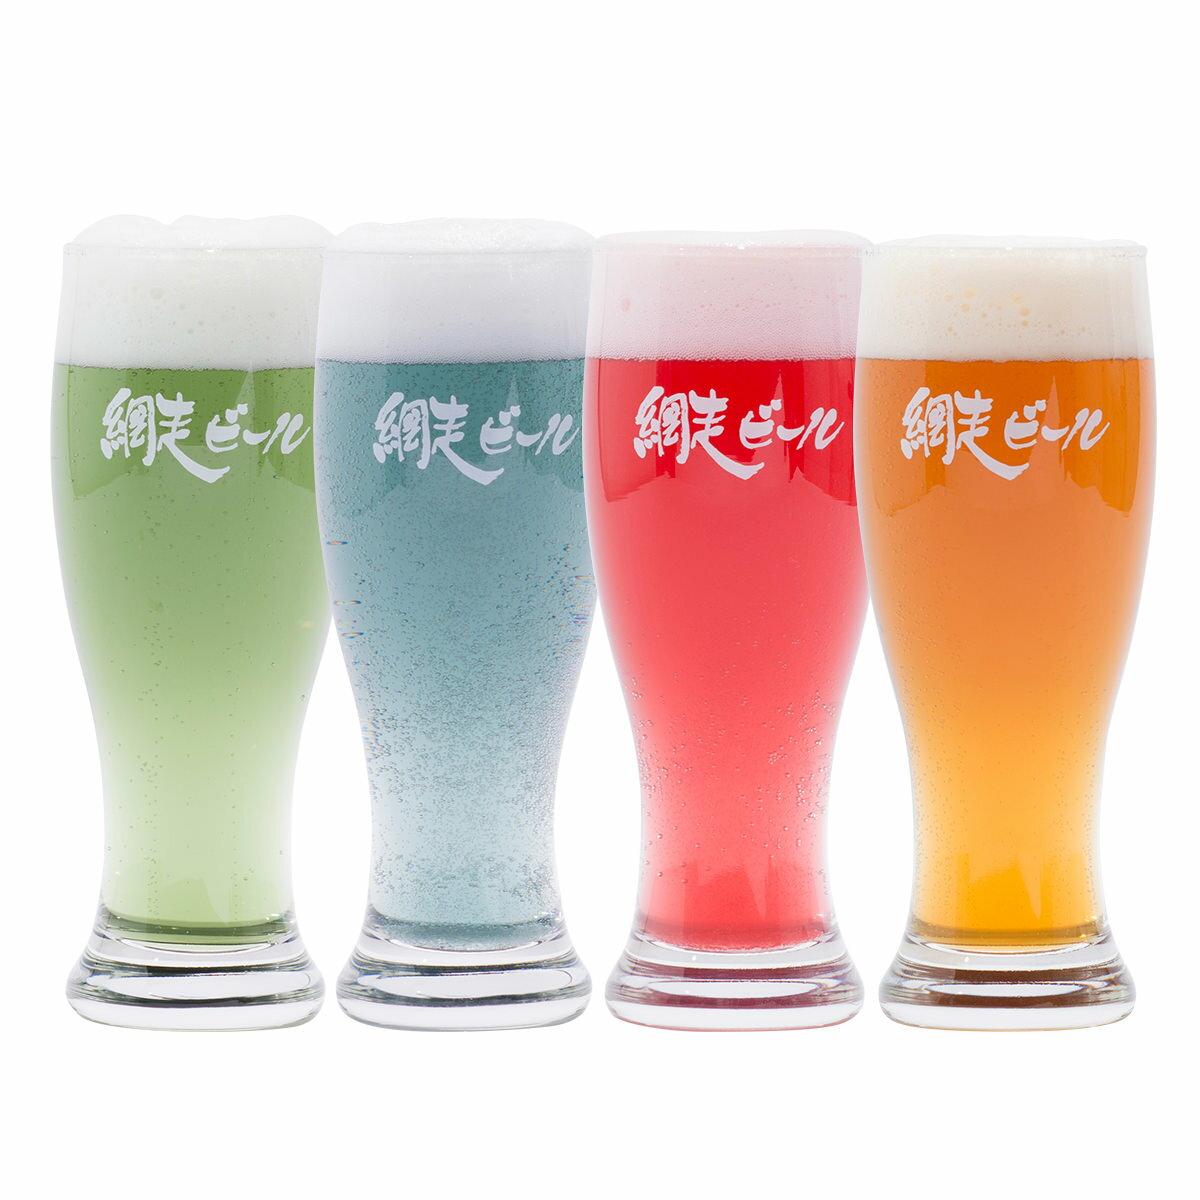 ビール 送料無料 ビール 飲み比べ 国産ビール 北海道 お取り寄せ 網走ビール 8本 詰合せ セット 330ml×8本 人気の桜桃の雫 網走ビール株式会社 北海道